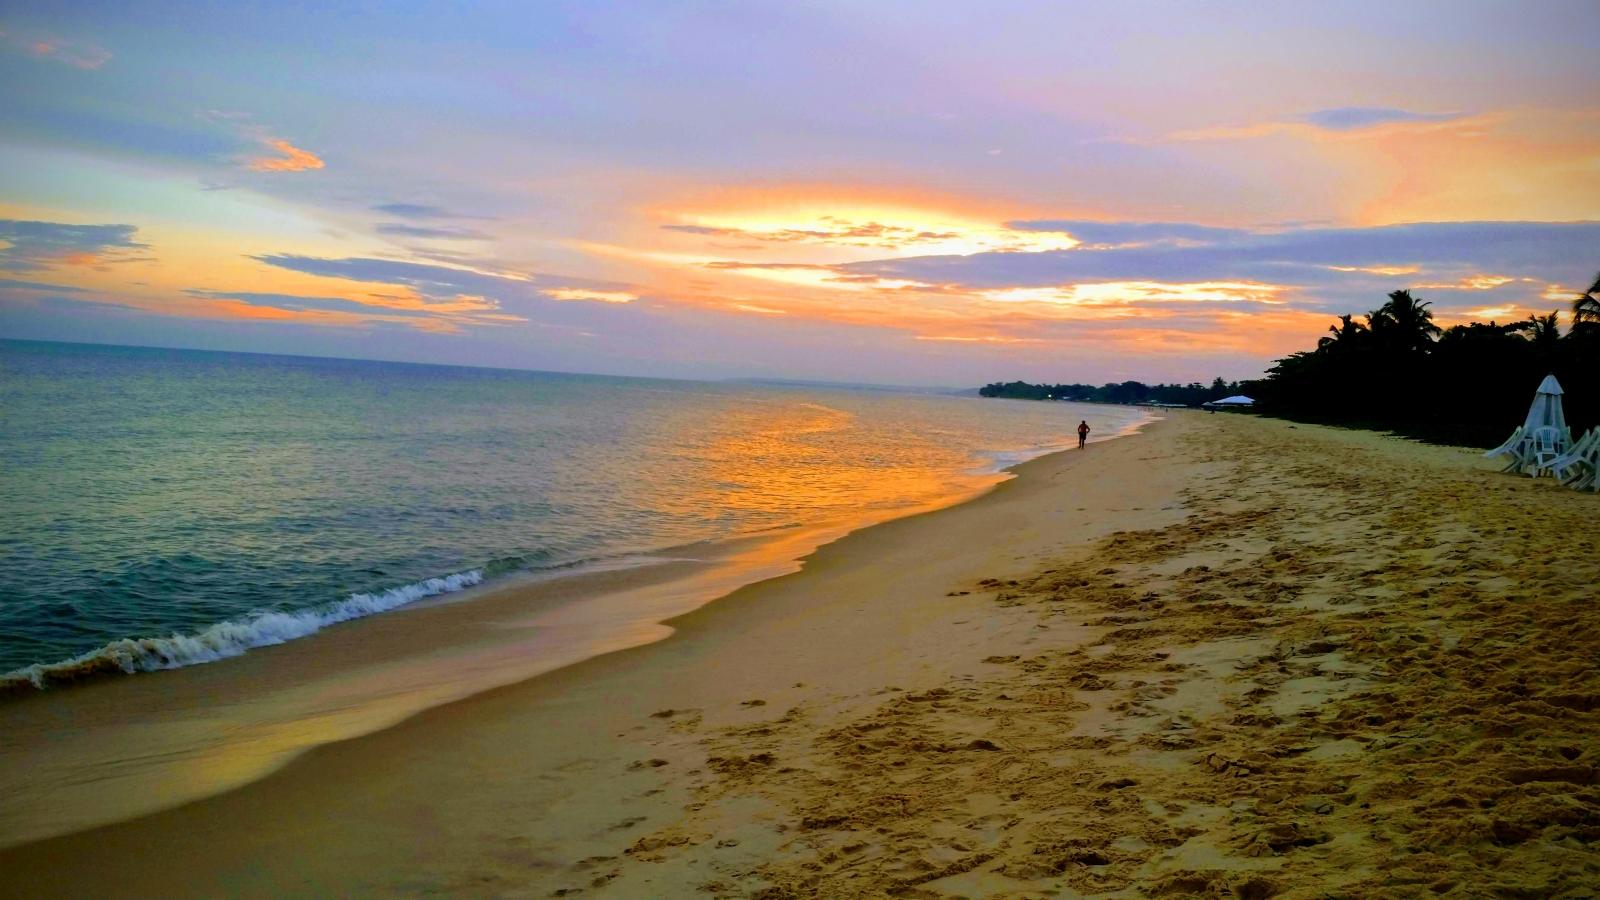 Playa de Porto Seguro - 1600x900